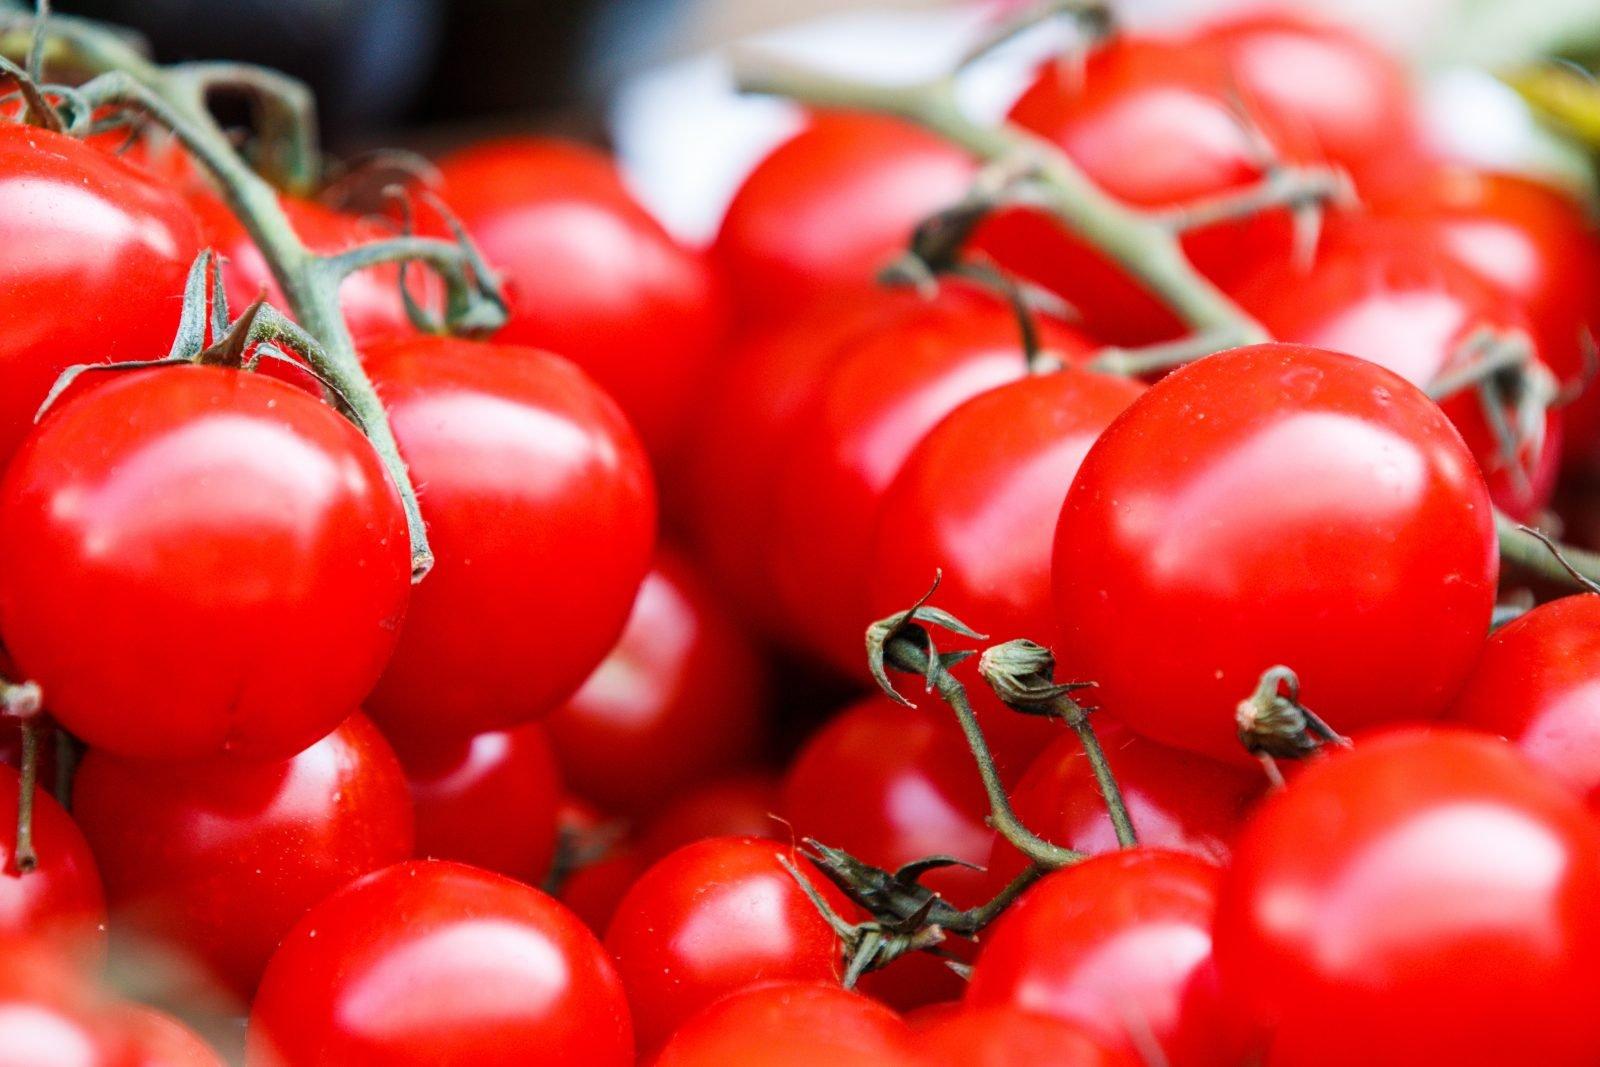 Comment produire des tomates plus sucrées ?